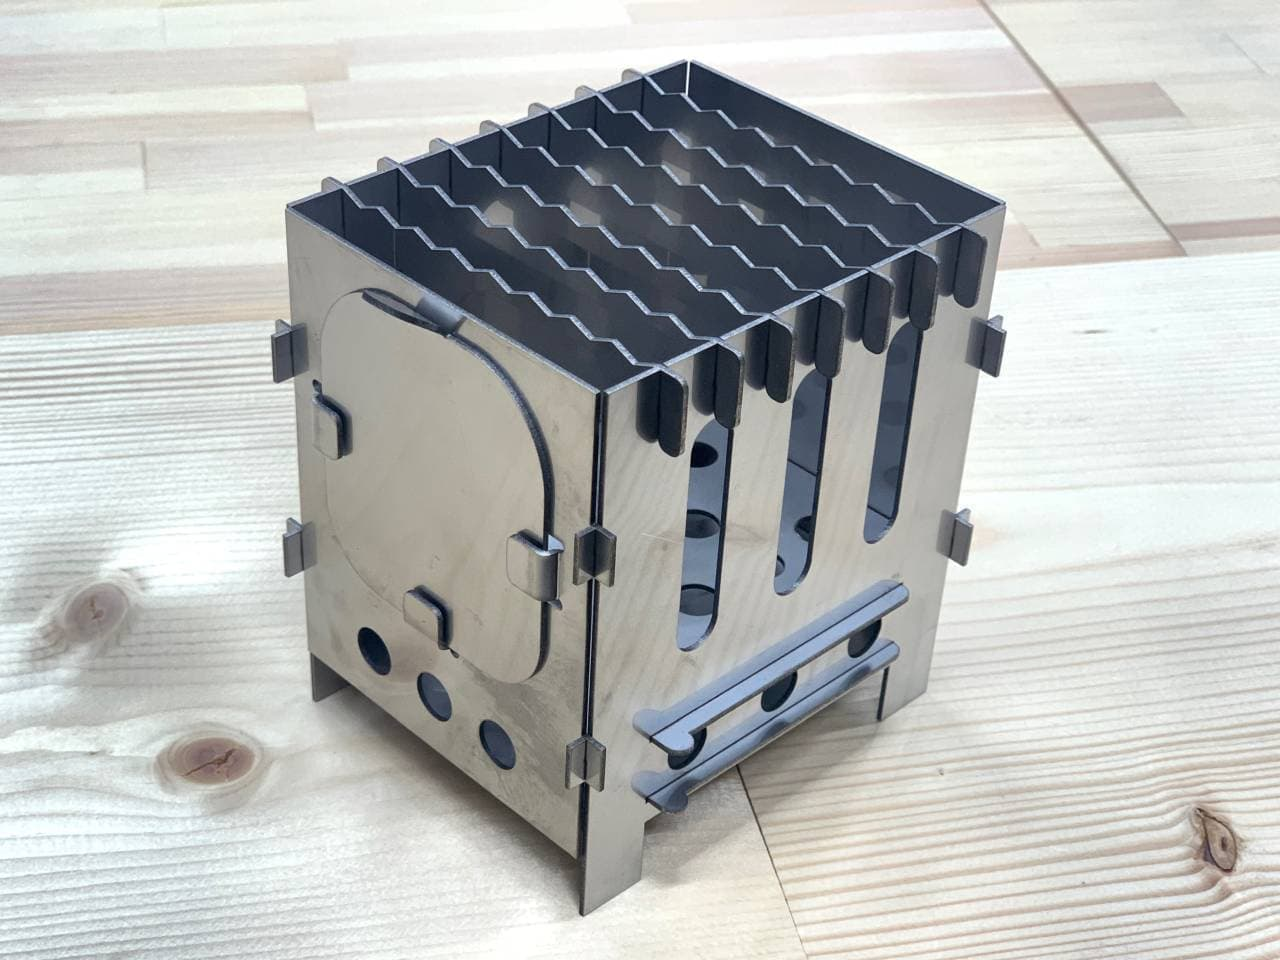 ソロキャン初心者用コンロ 工具なしで組み立てられる「ペッタンコンロ」CAMPFIREに登場